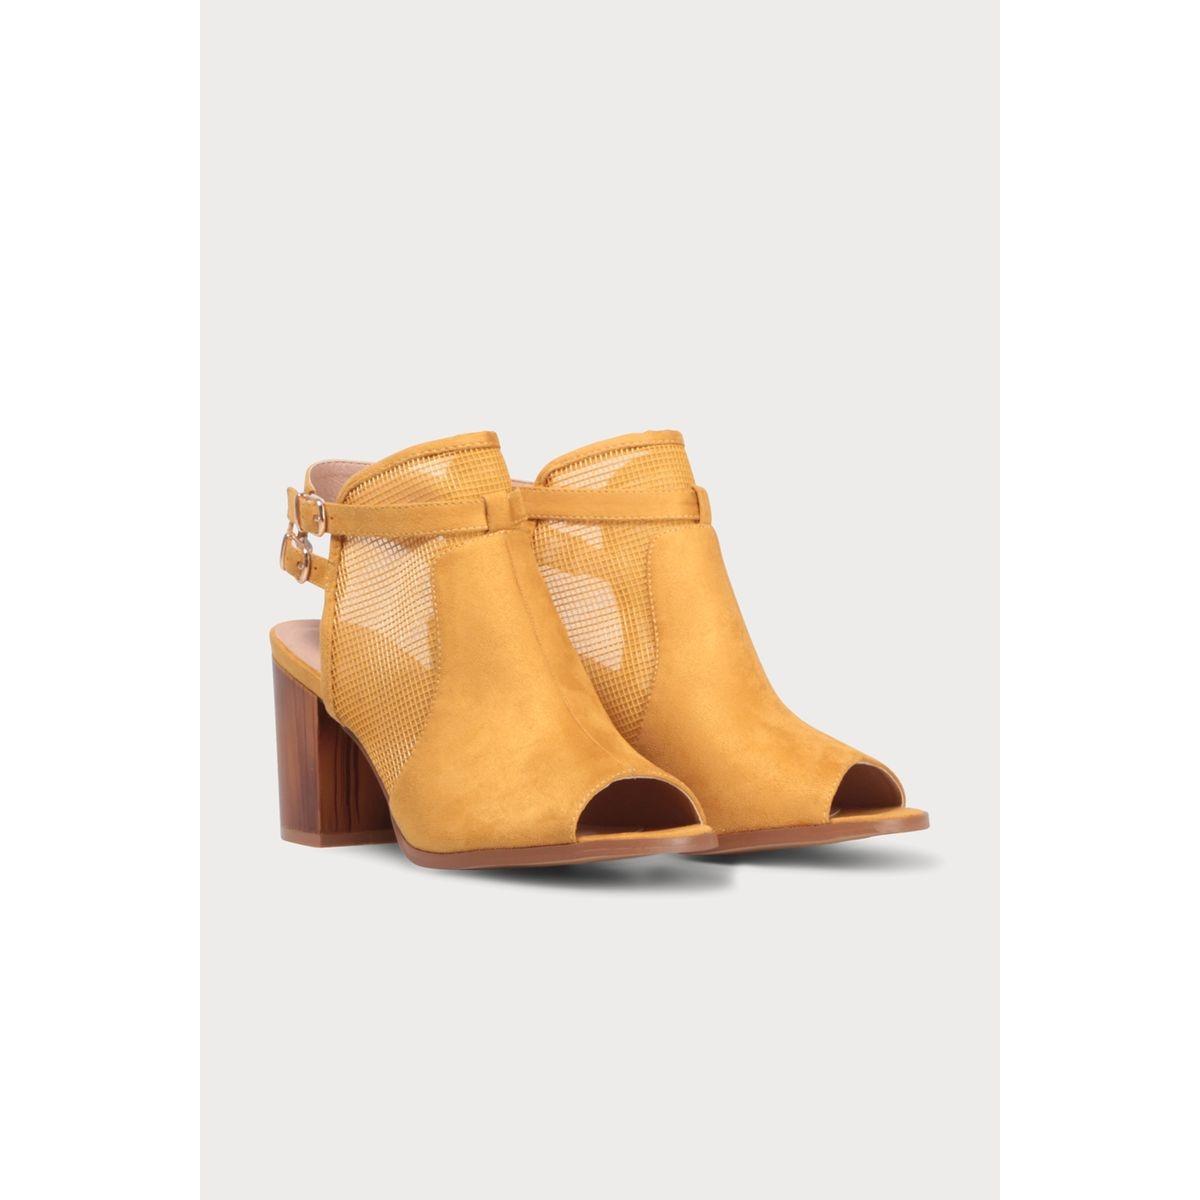 Sandales matière ajourée talons carrés